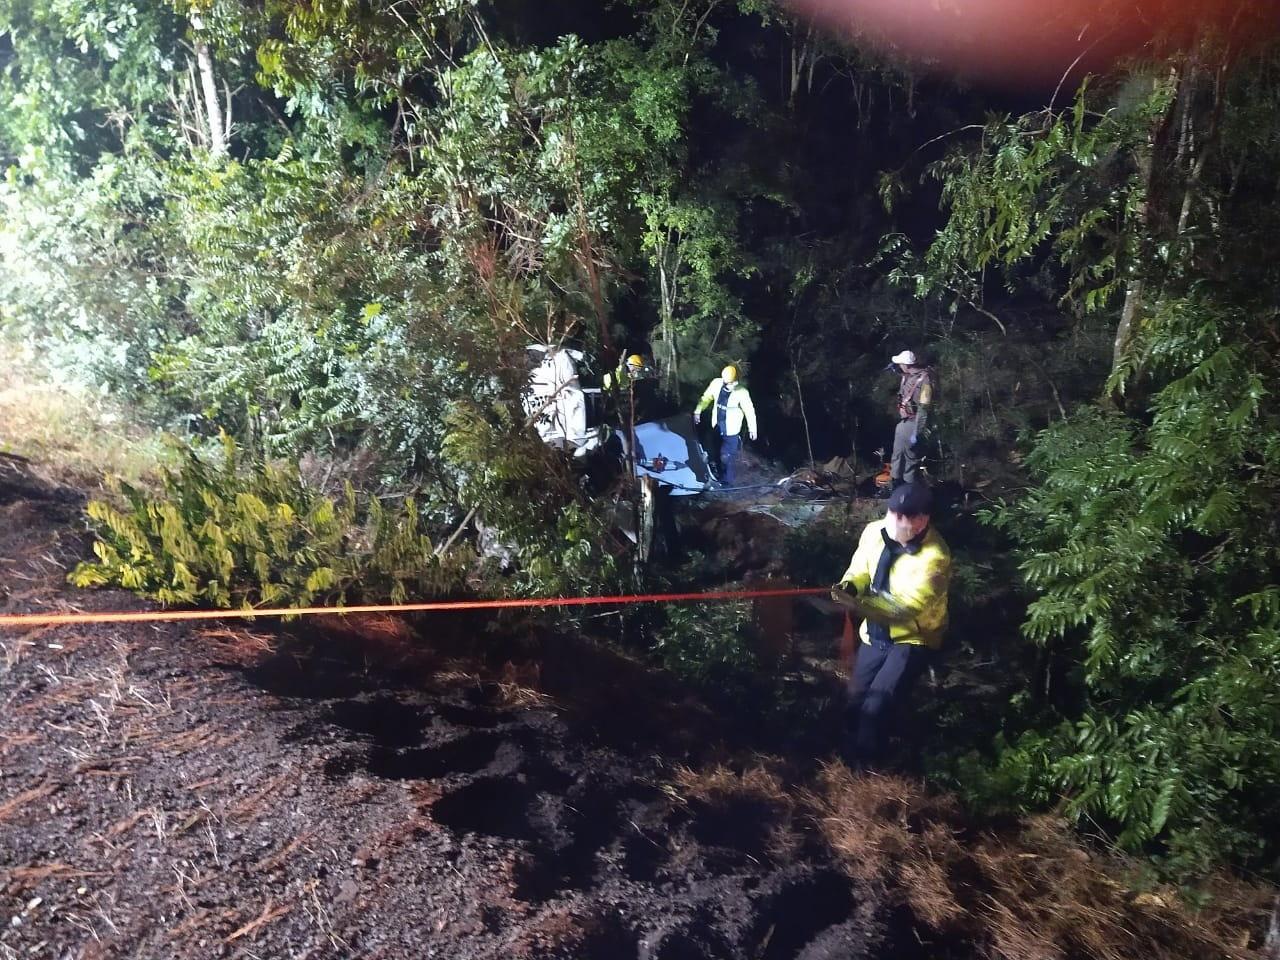 Carro sai da pista e bate em árvores na ERS-135 em Erechim; um morreu e três ficaram feridos, diz polícia